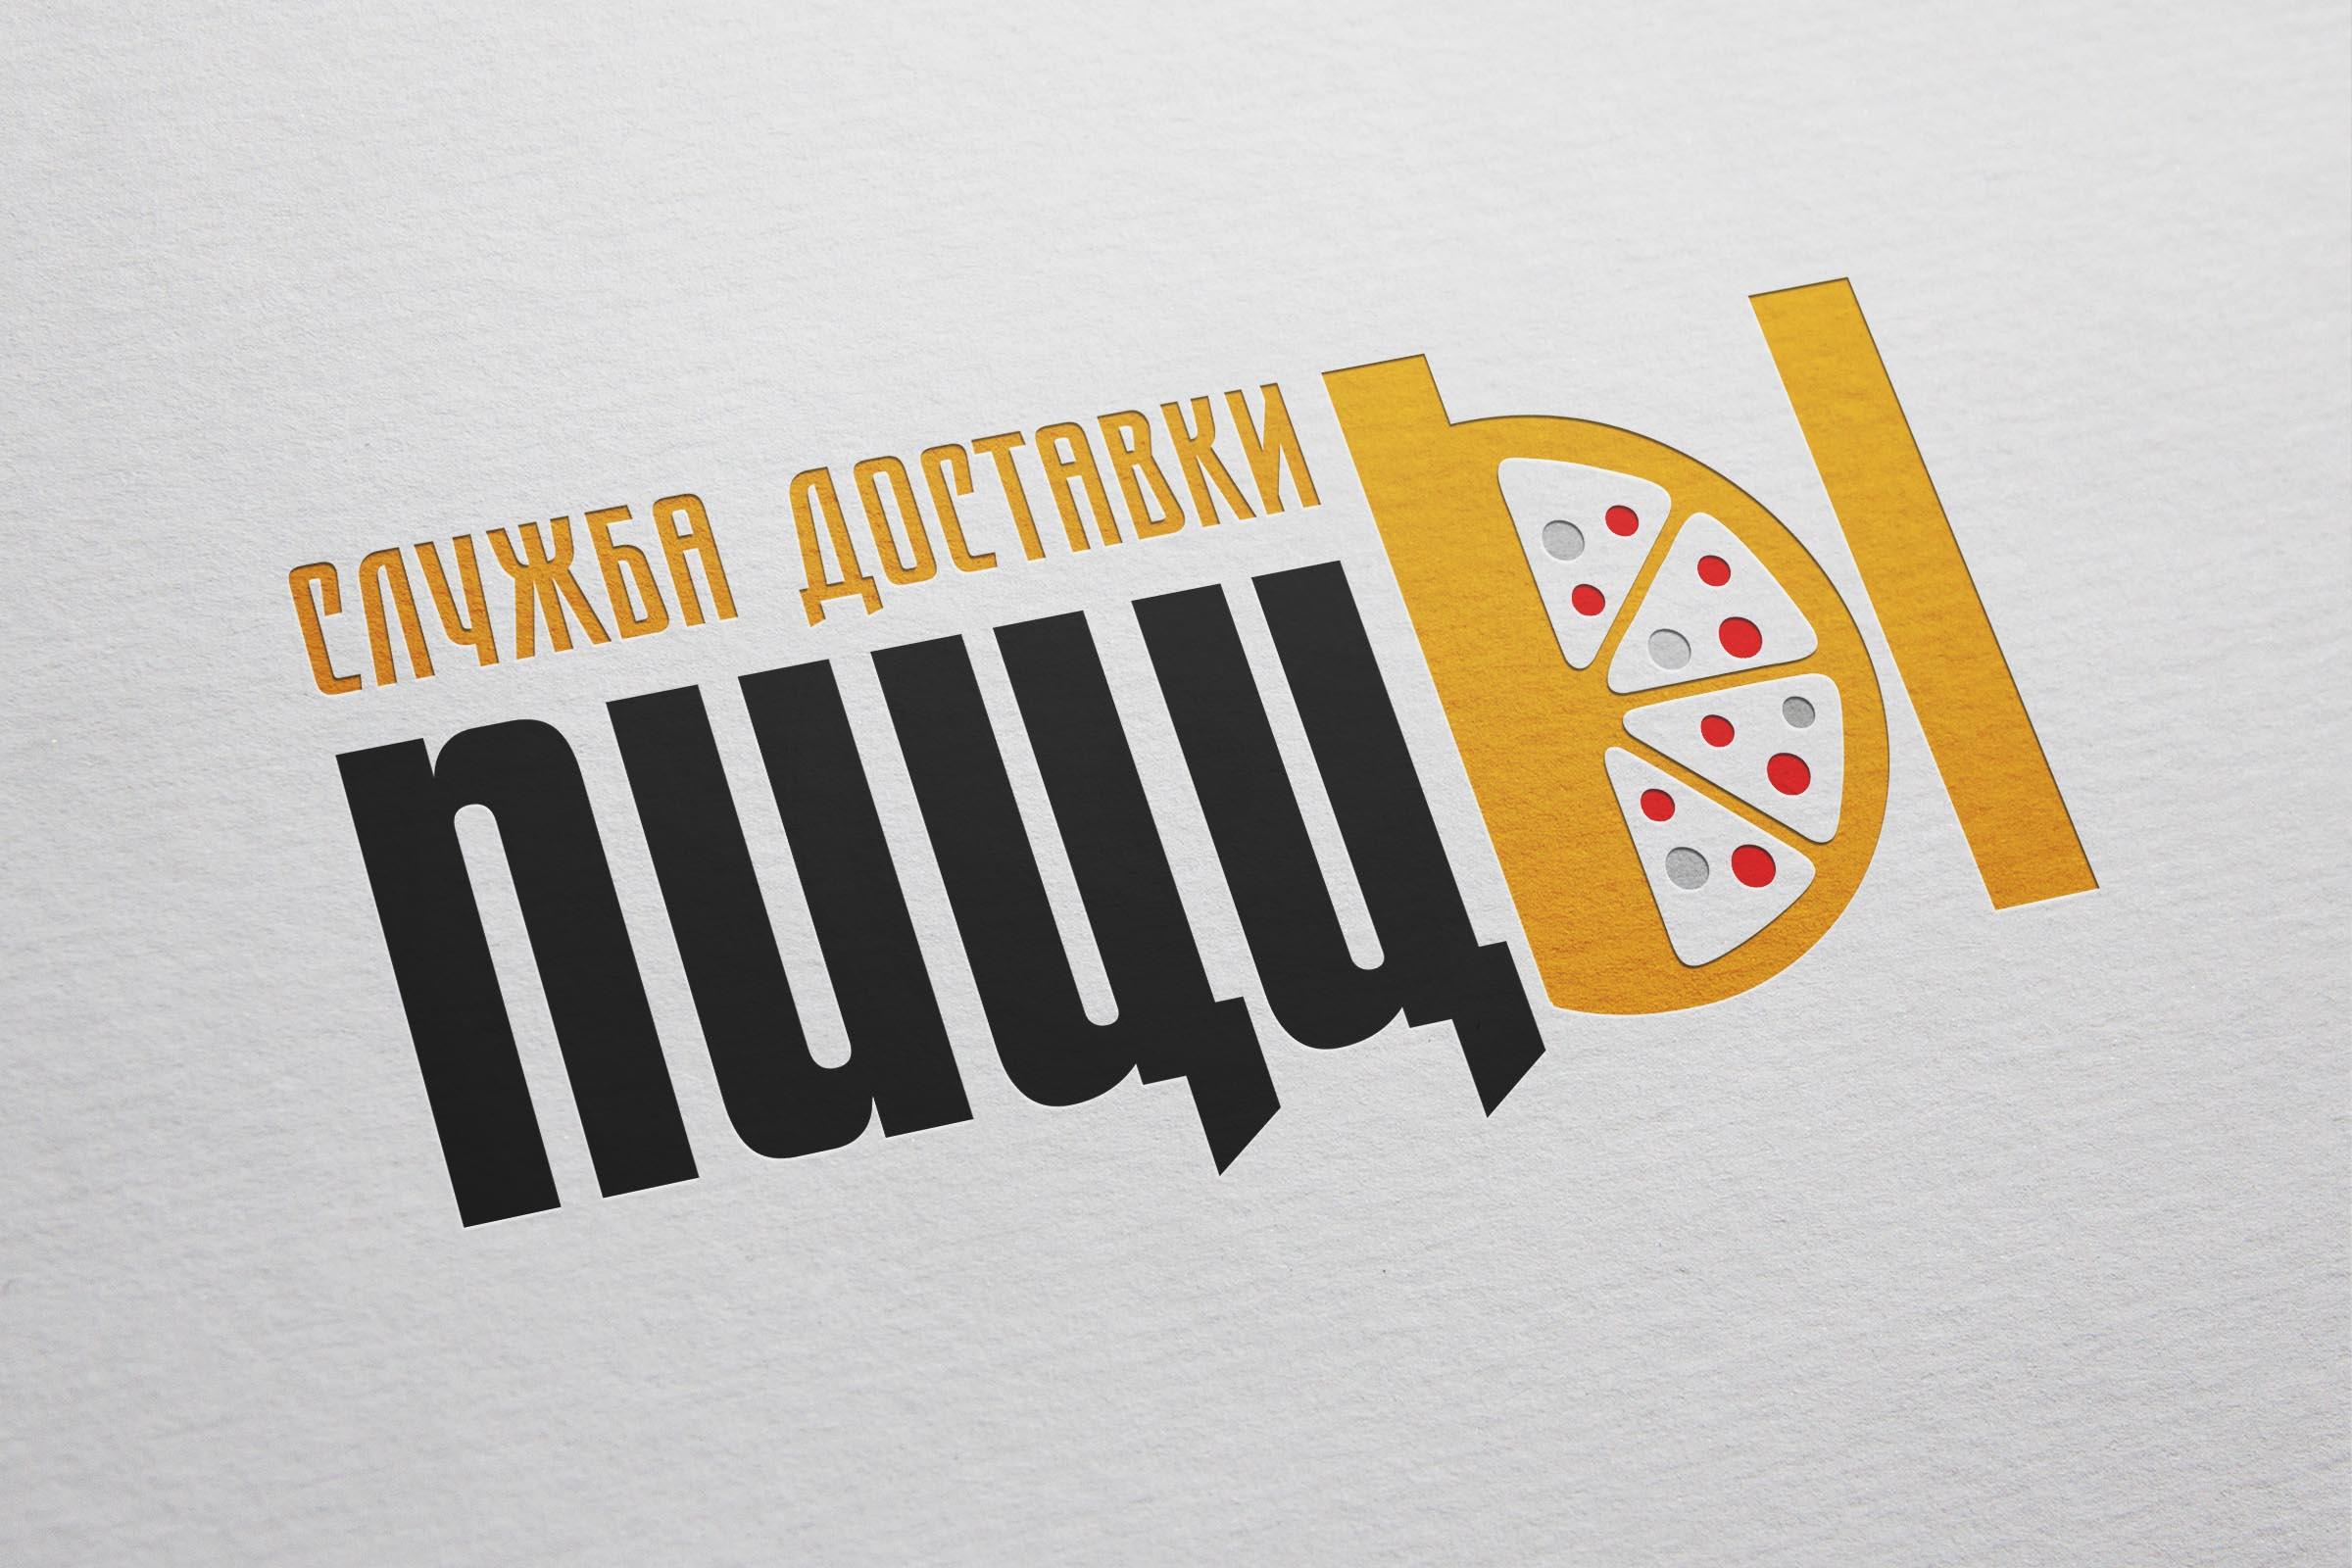 Разыскивается дизайнер для разработки лого службы доставки фото f_7435c360ecec43ba.jpg